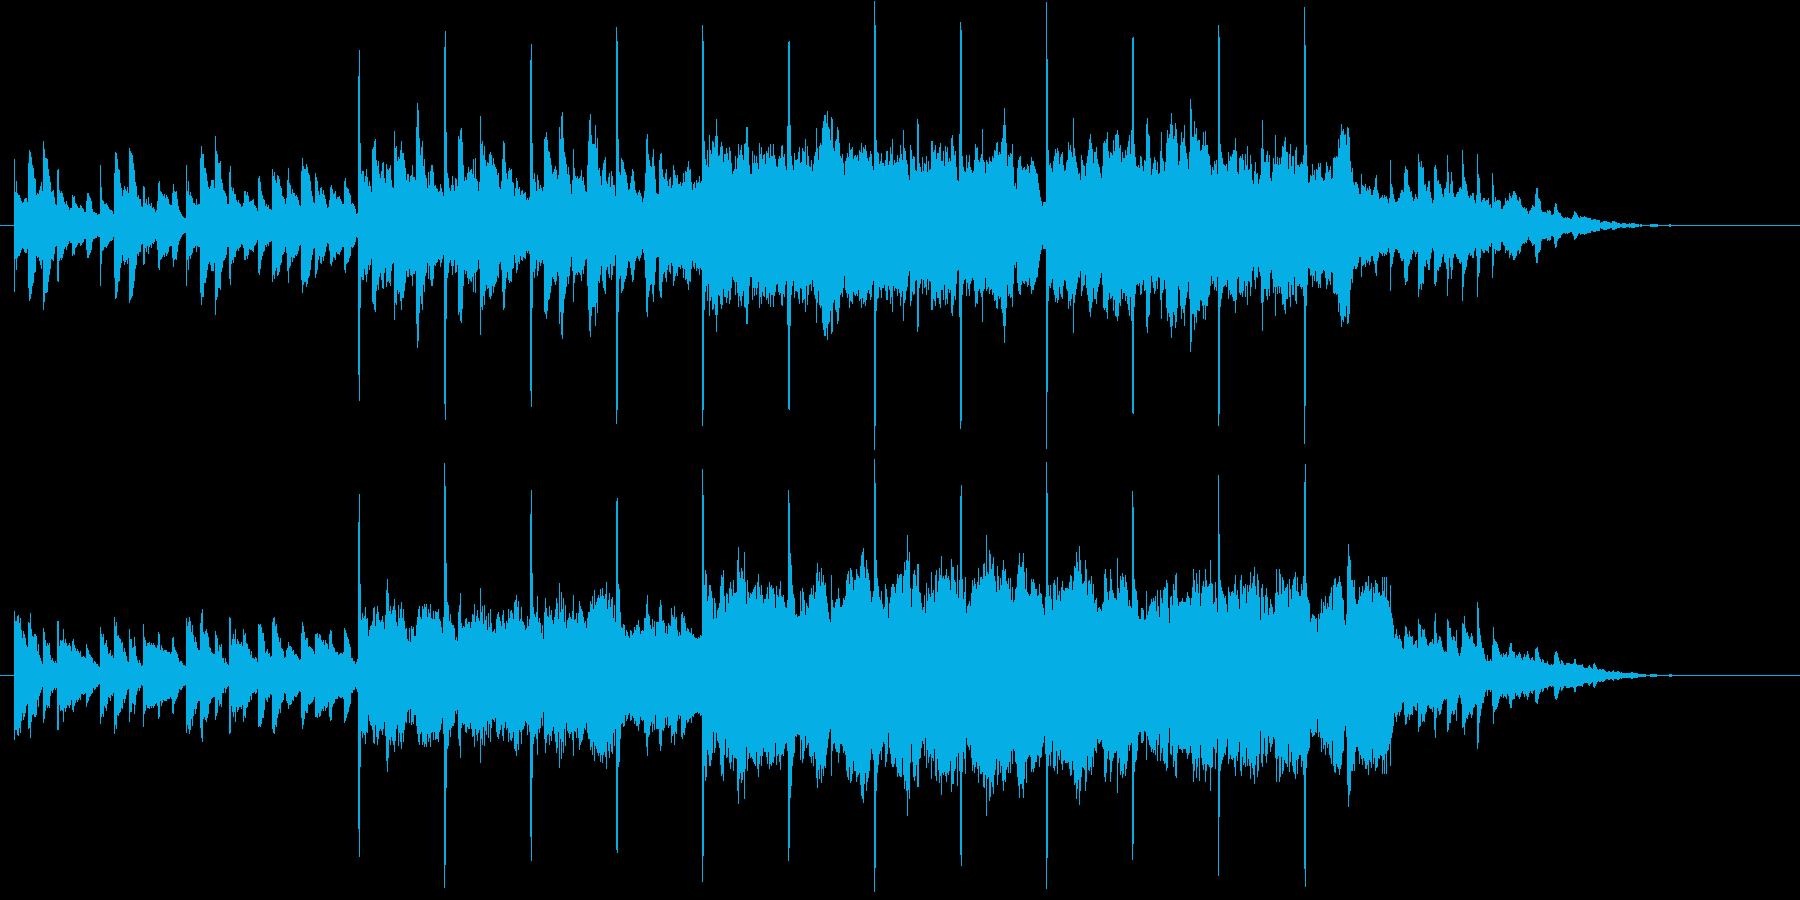 ピアノが印象的な物語性を感じるBGMの再生済みの波形